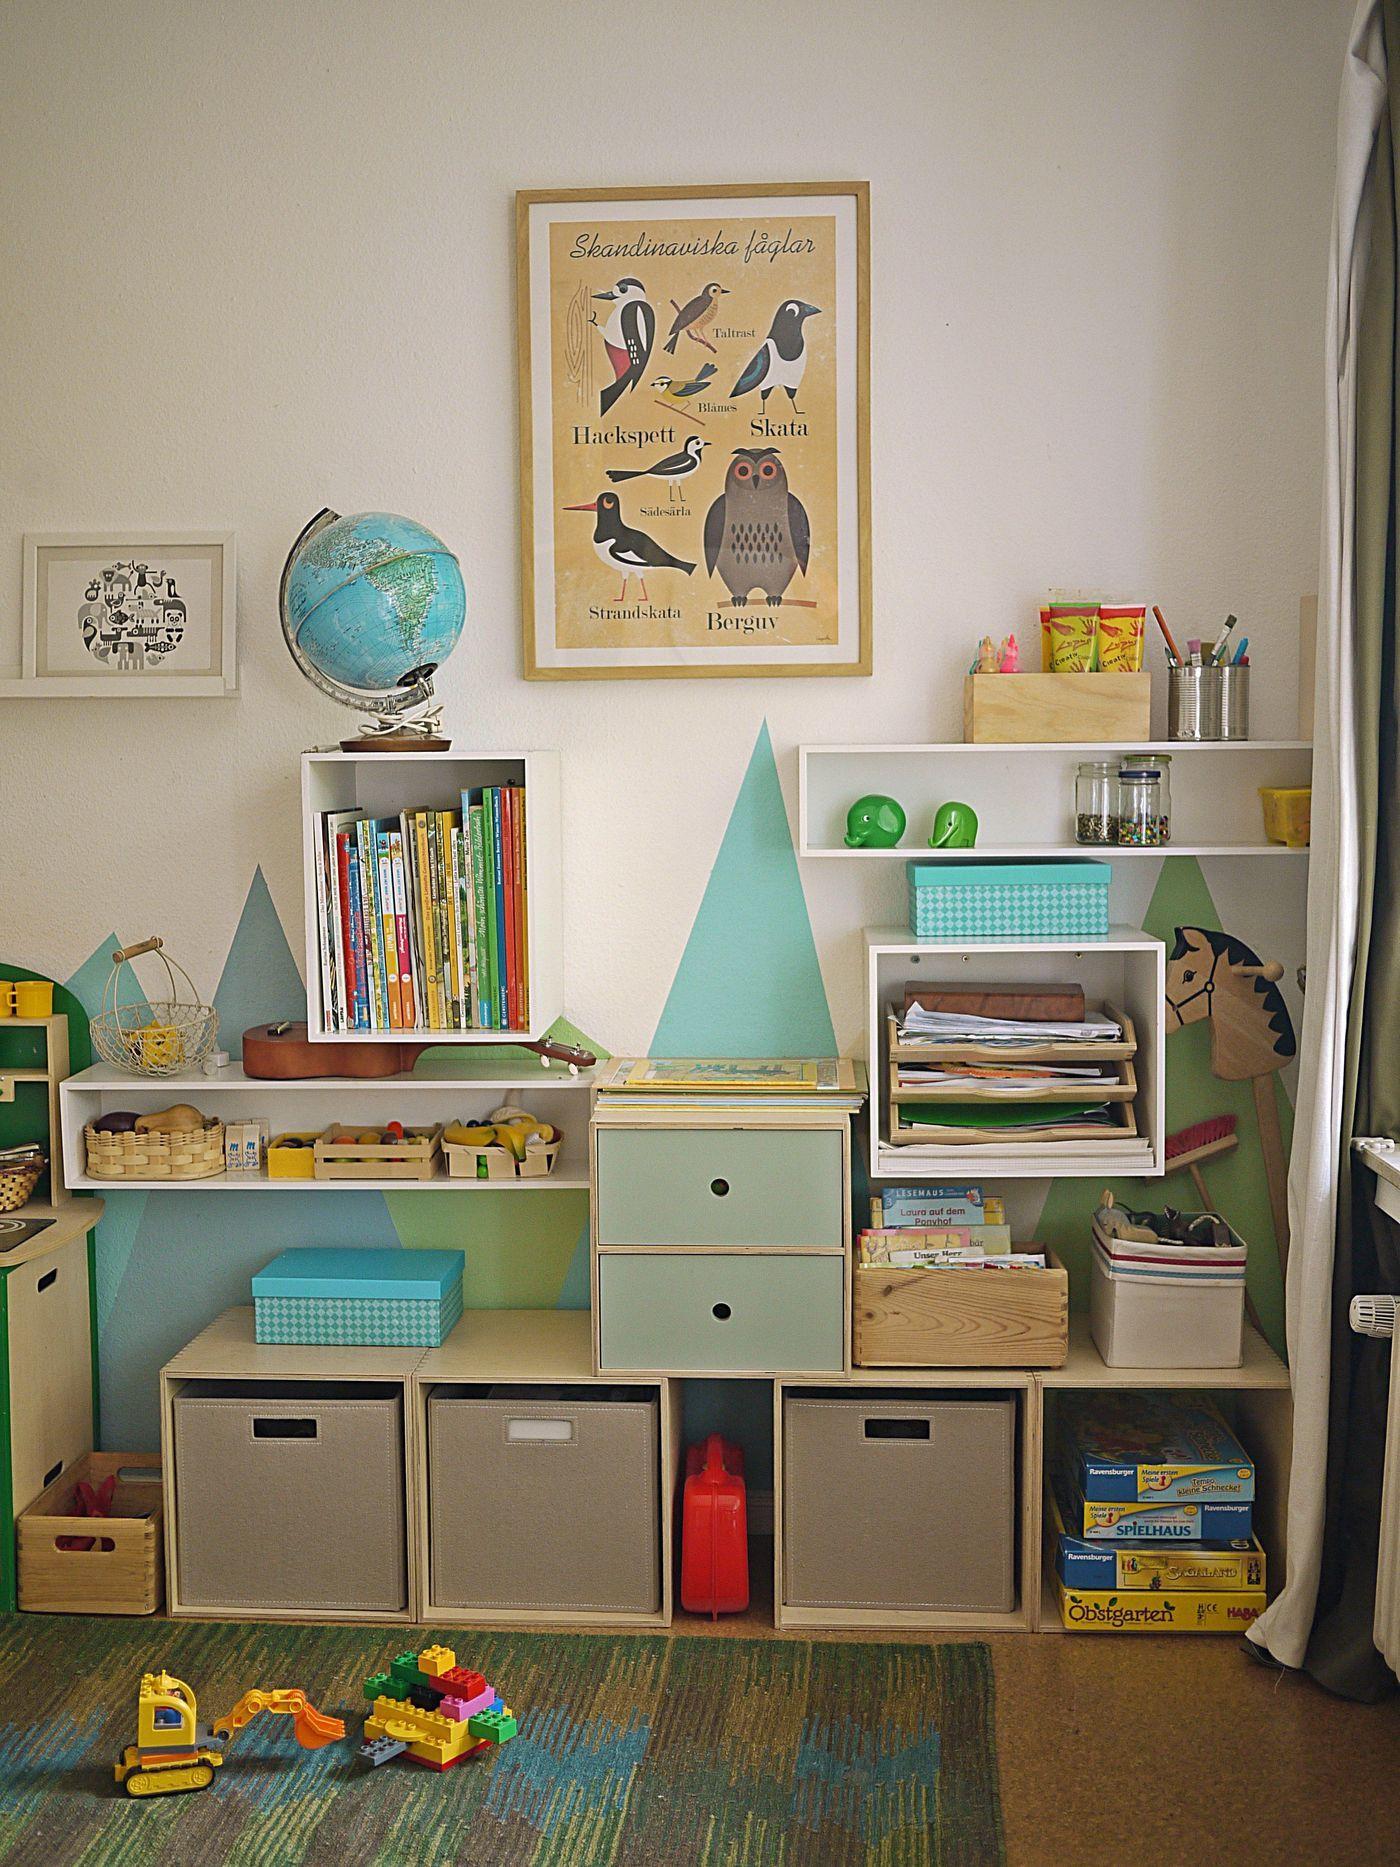 Full Size of Aufbewahrungsboxen Kinderzimmer Mint Holz Plastik Amazon Stapelbar Design Ikea Mit Deckel Aufbewahrungsbox Ebay Regal Weiß Regale Sofa Kinderzimmer Aufbewahrungsboxen Kinderzimmer